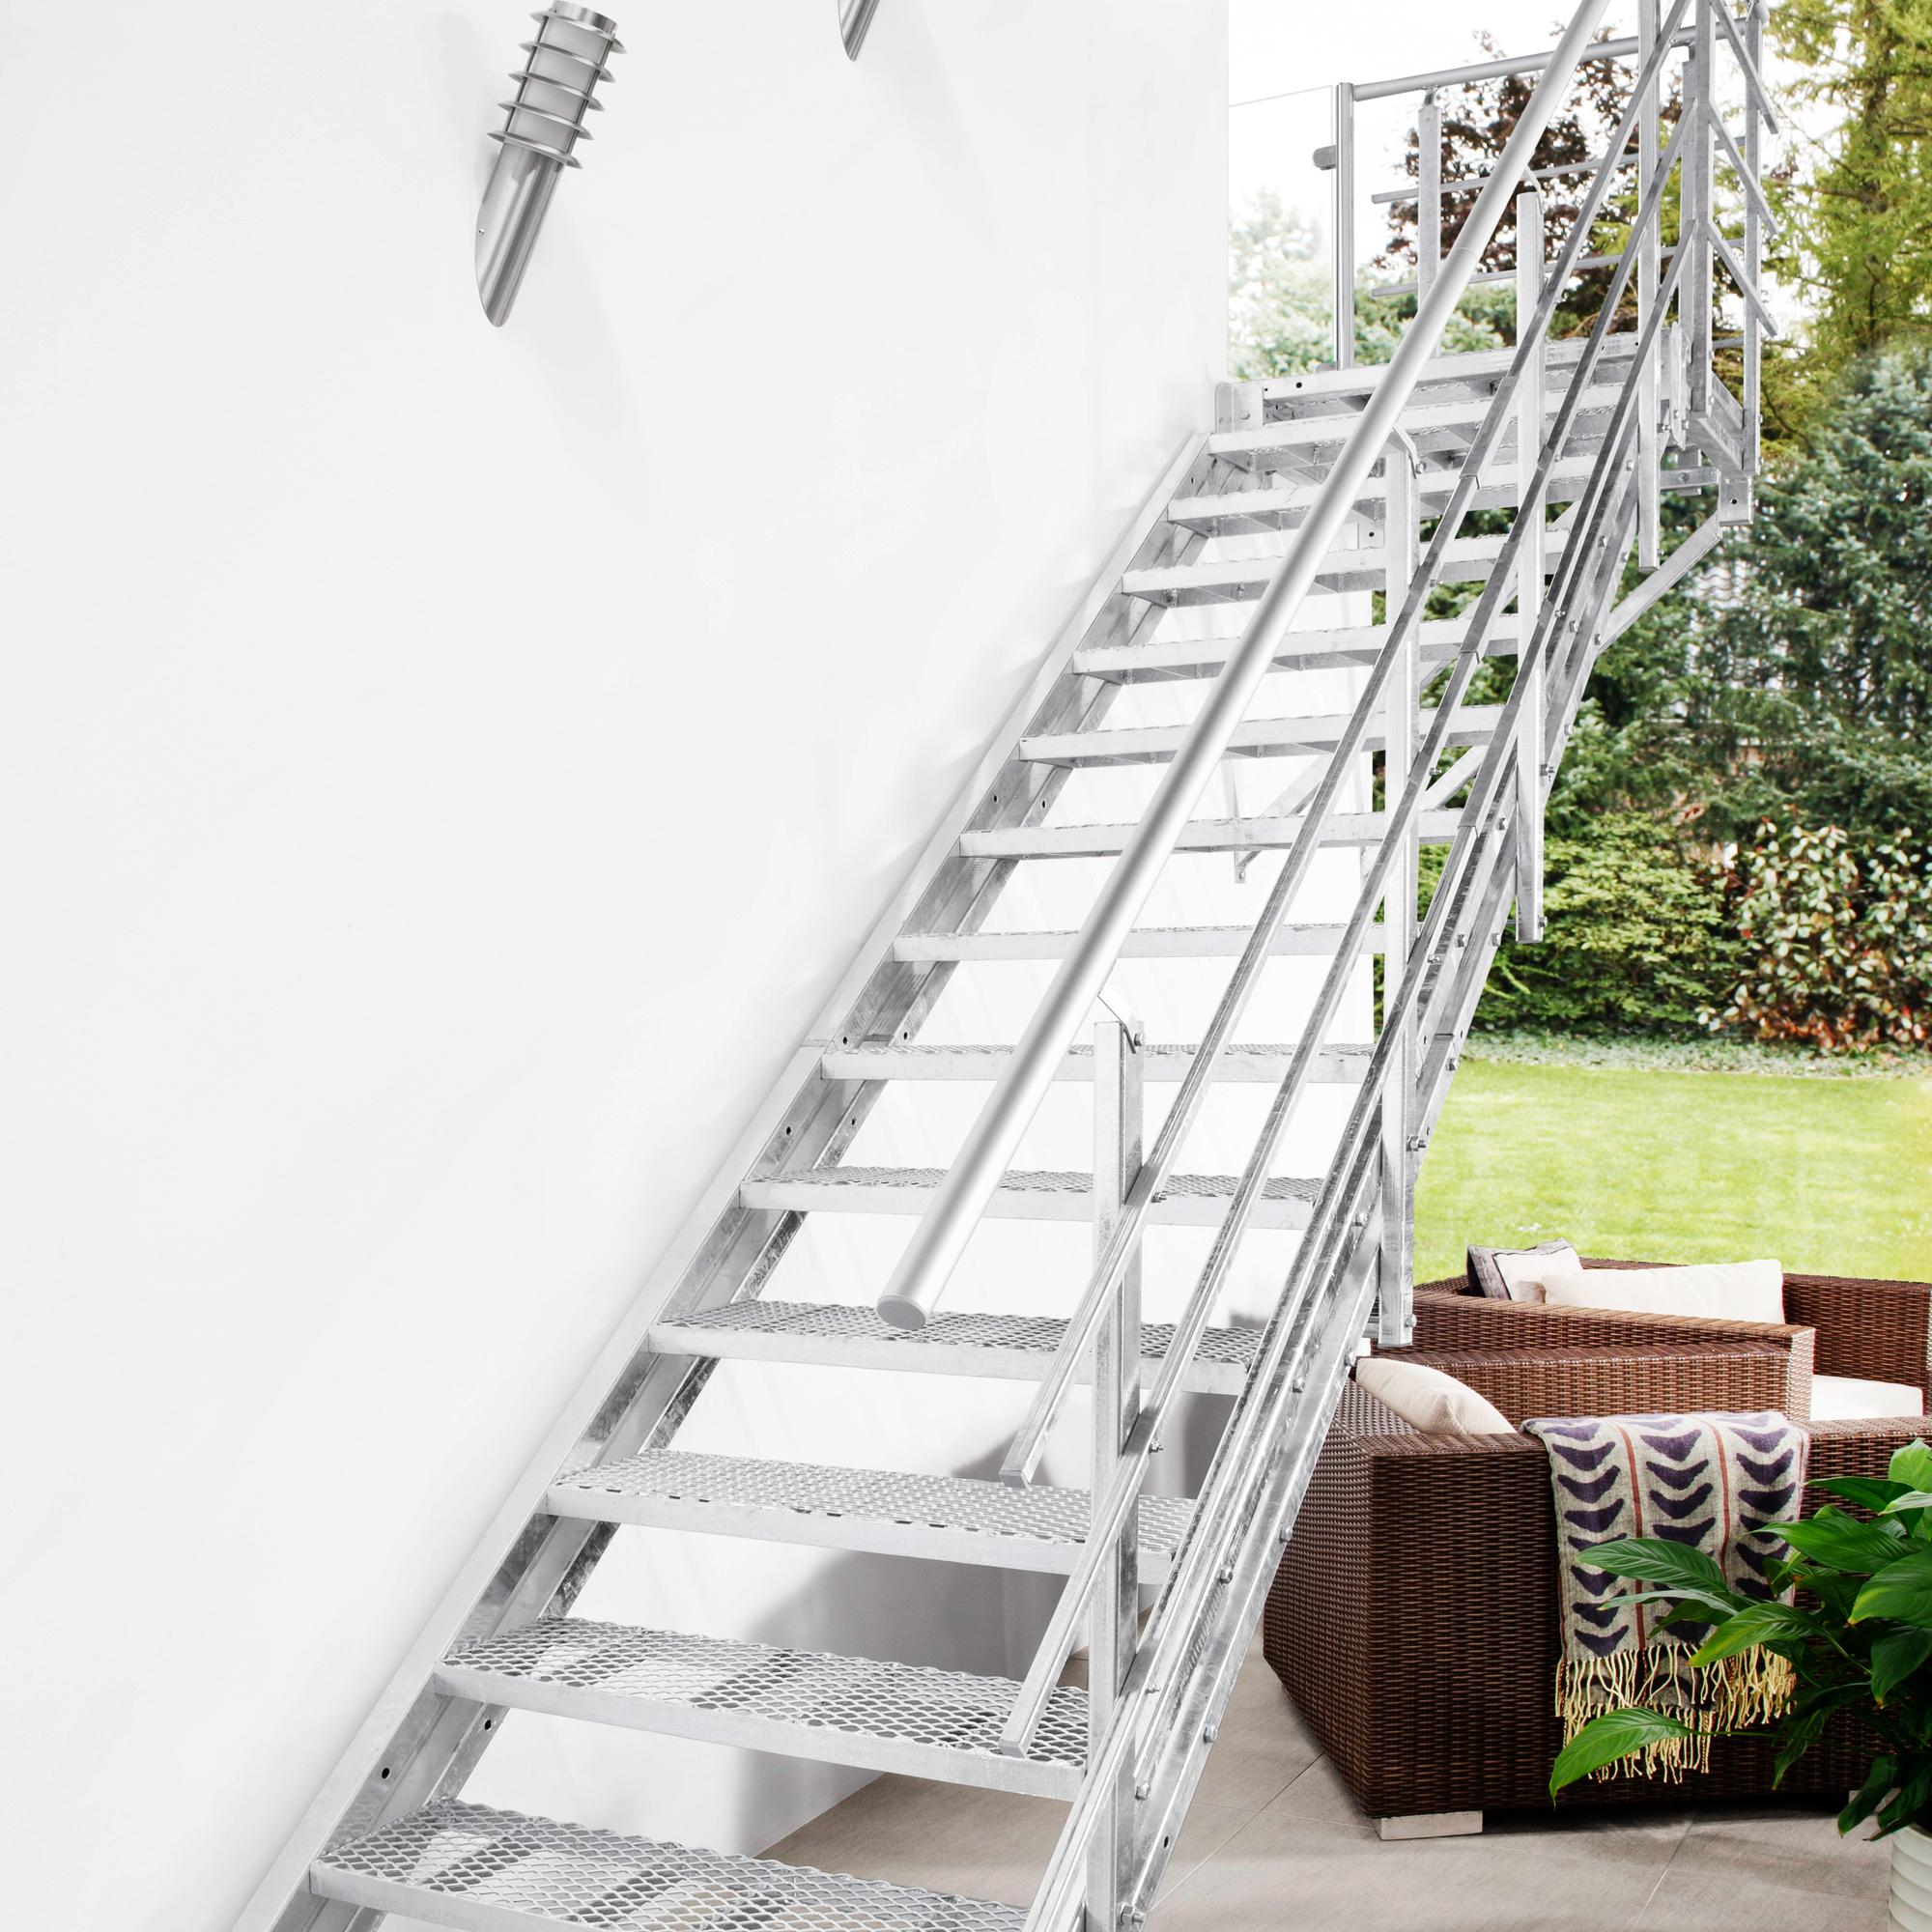 au entreppe mit podest als stahlwangentreppe bis 330 cm. Black Bedroom Furniture Sets. Home Design Ideas